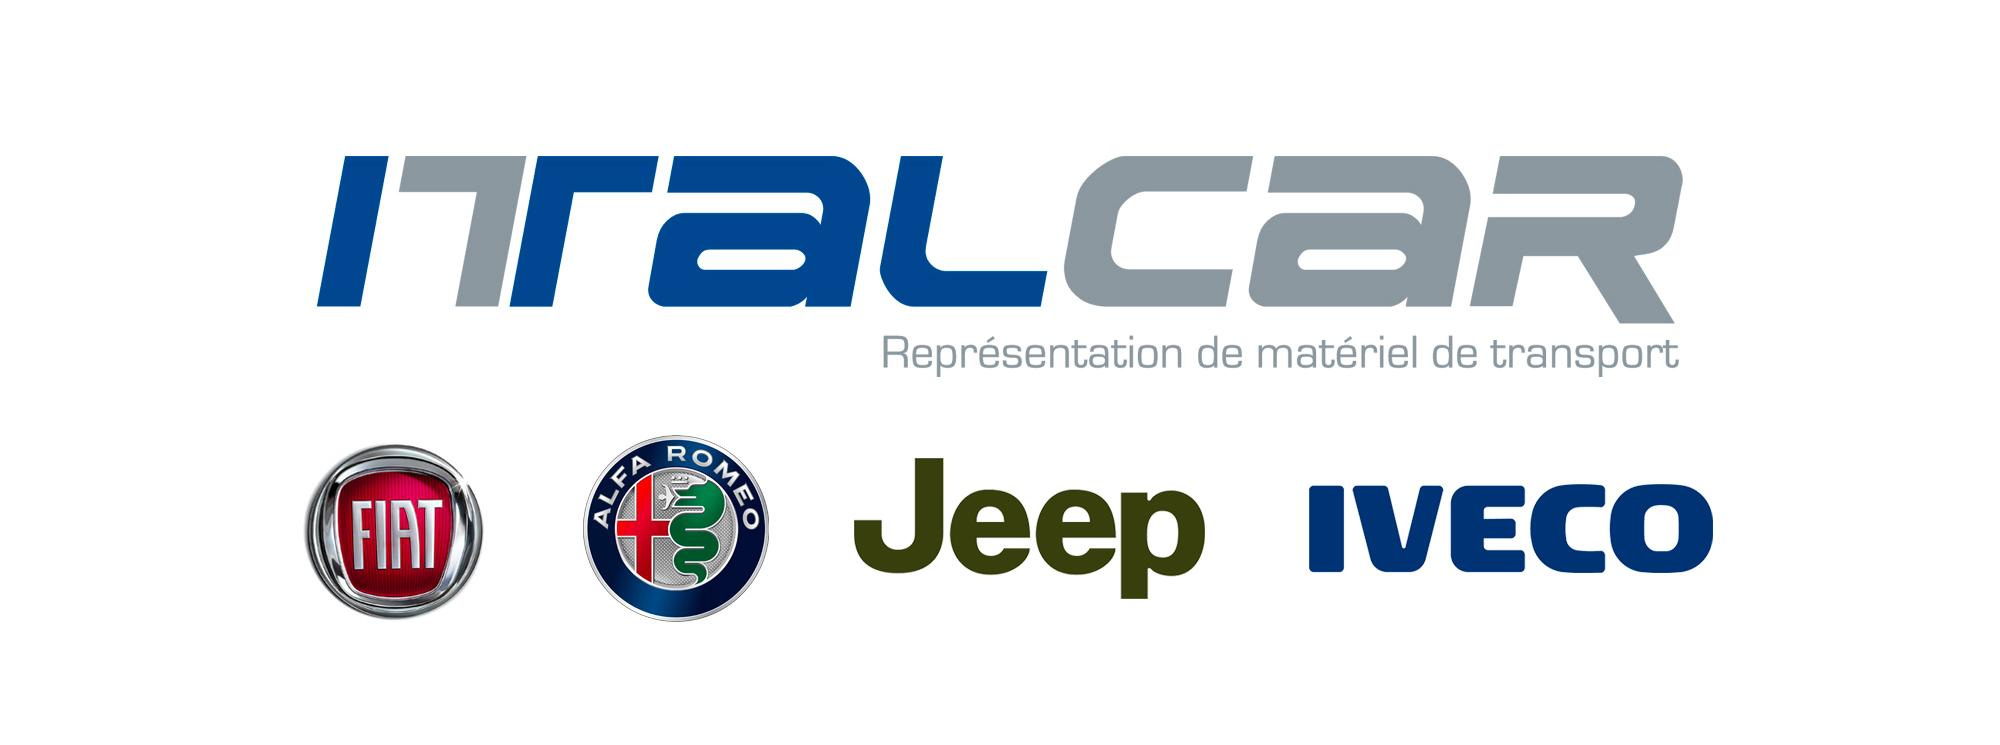 Italcar assure l'entretien des véhicules de ses clients durant le confinement